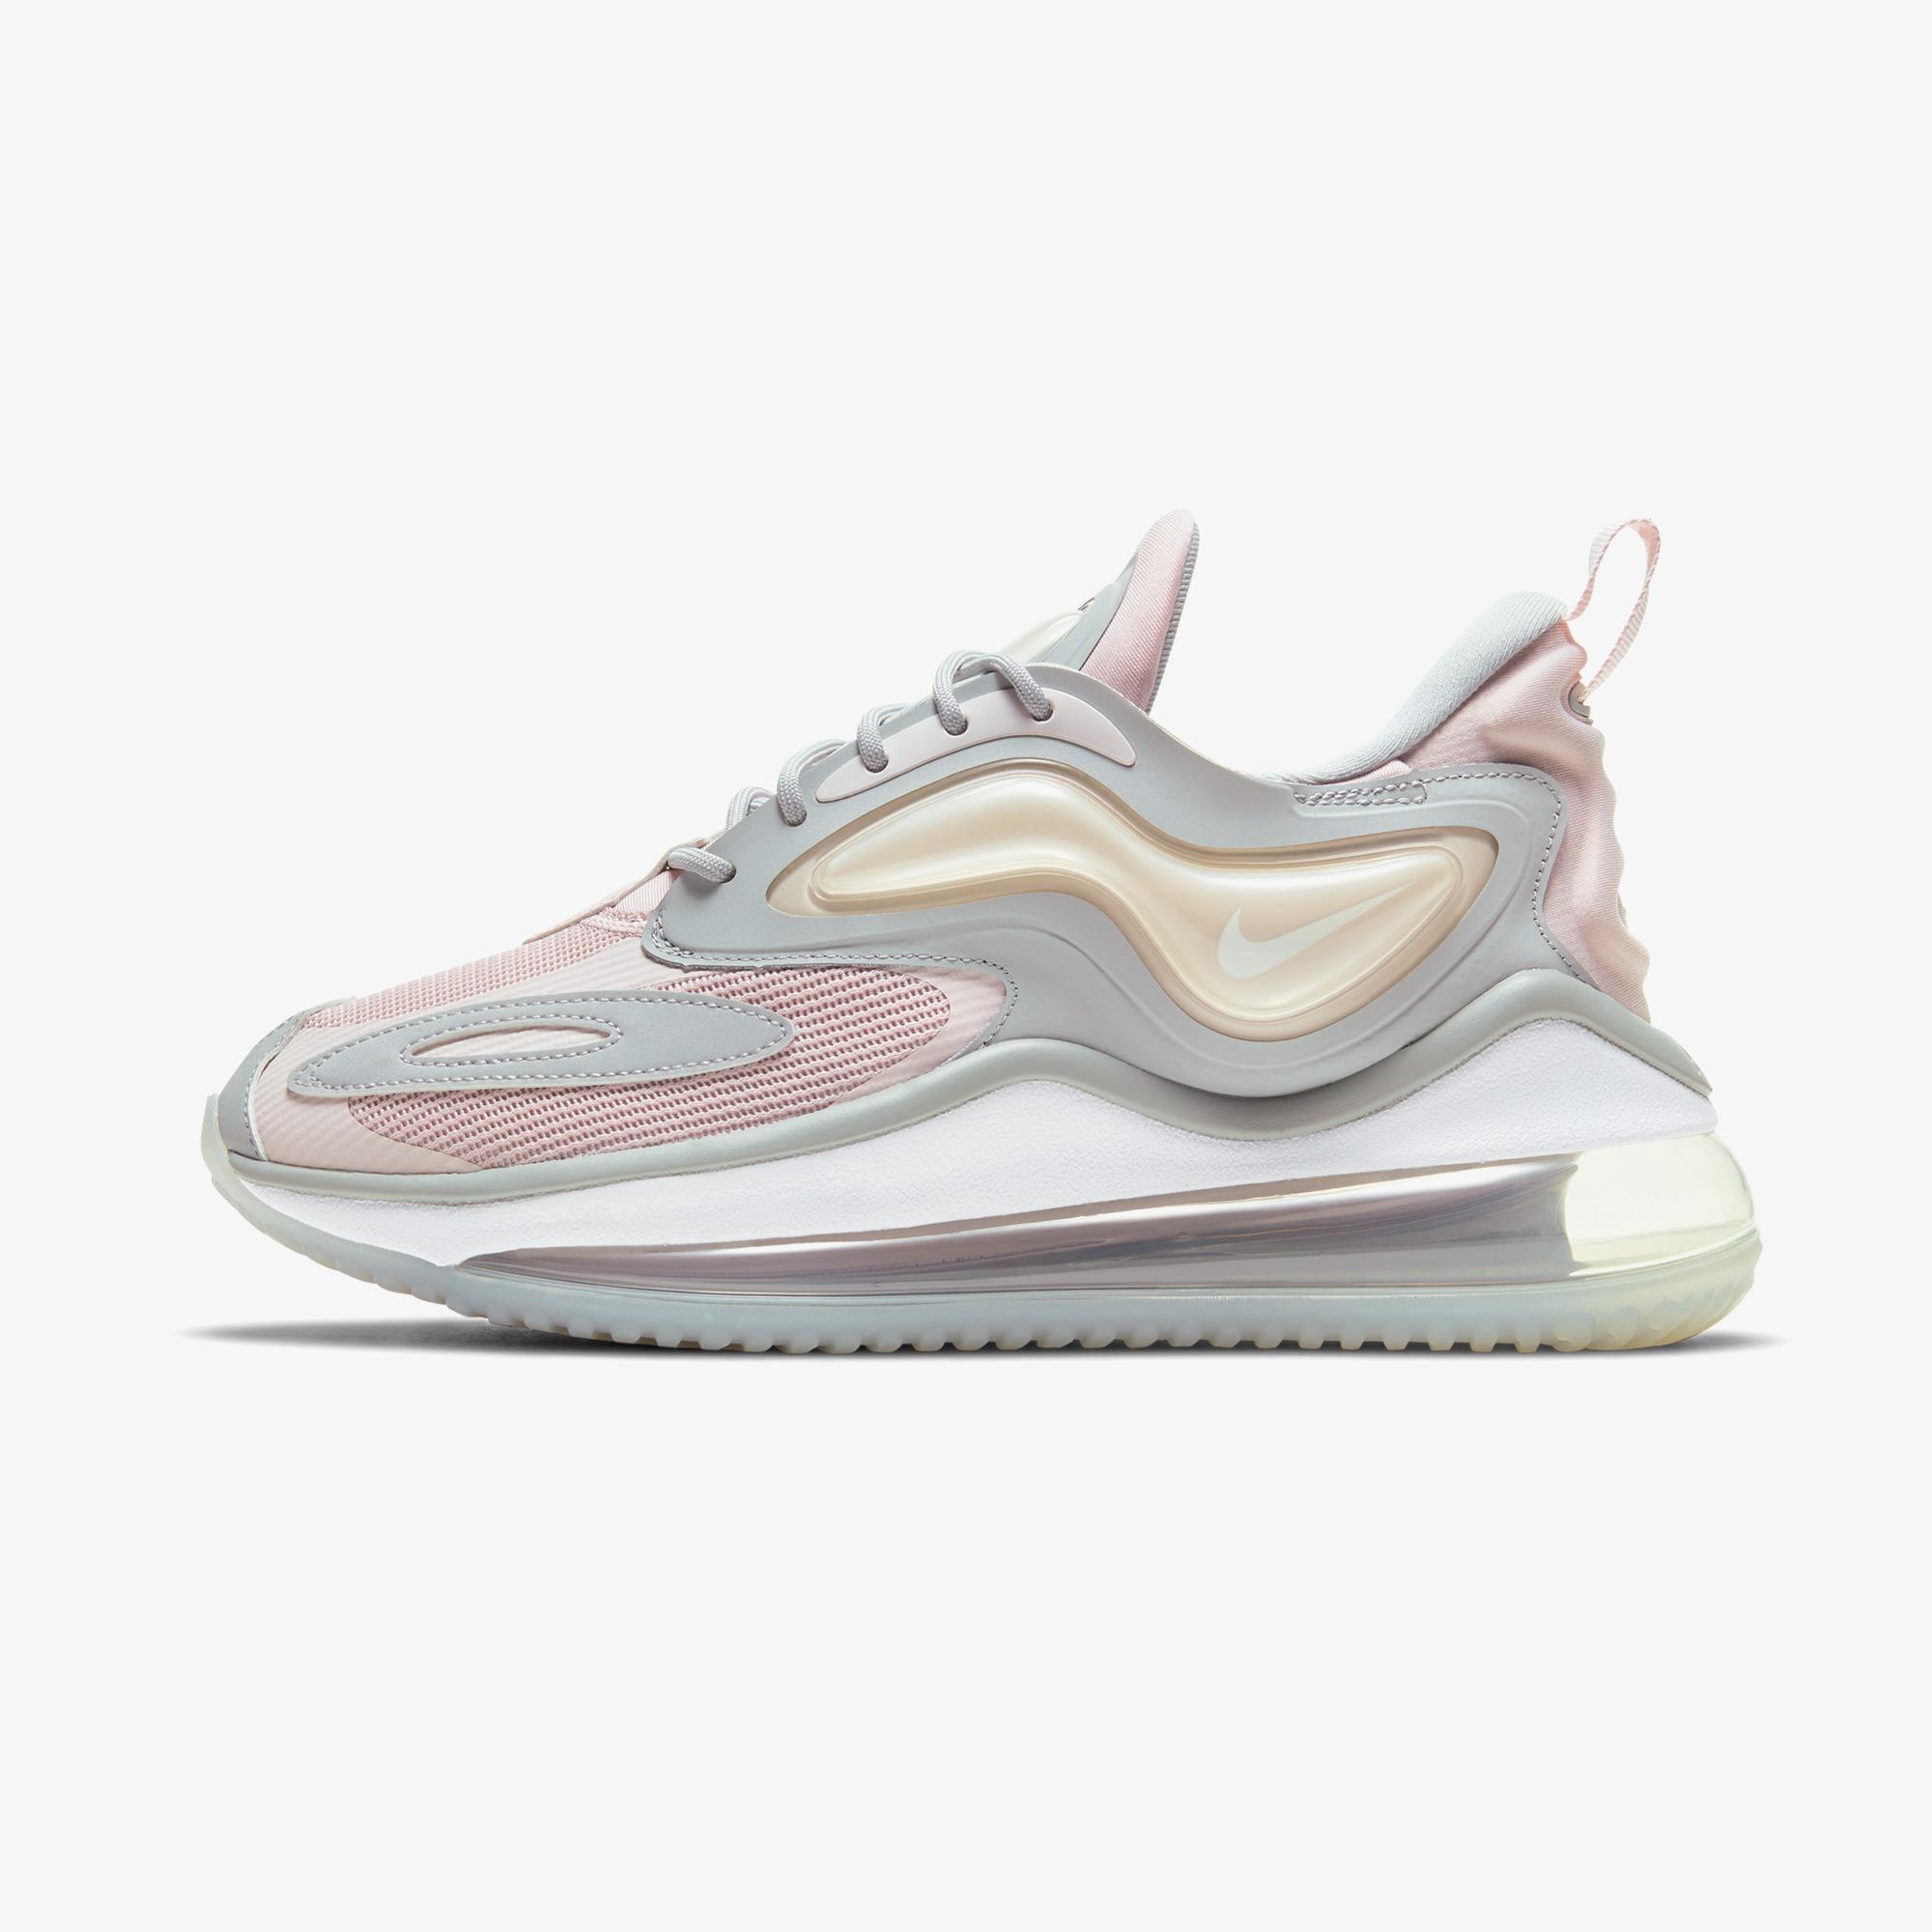 Nike Air Max Zephyr Kadın Pembe Spor Ayakkabı